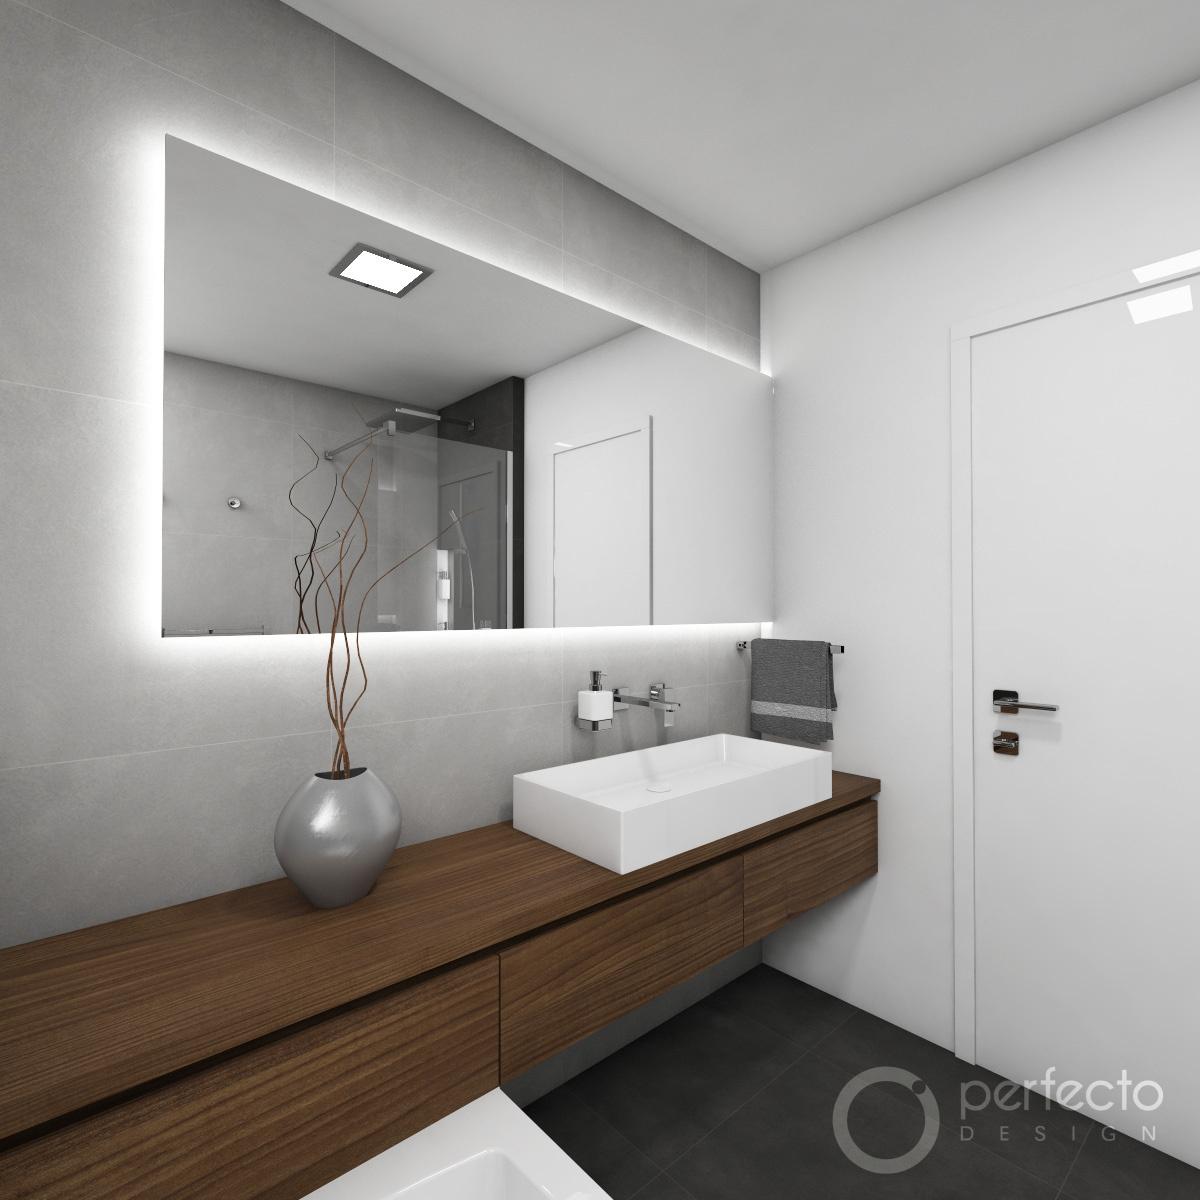 modernes badezimmer forma perfecto design. Black Bedroom Furniture Sets. Home Design Ideas